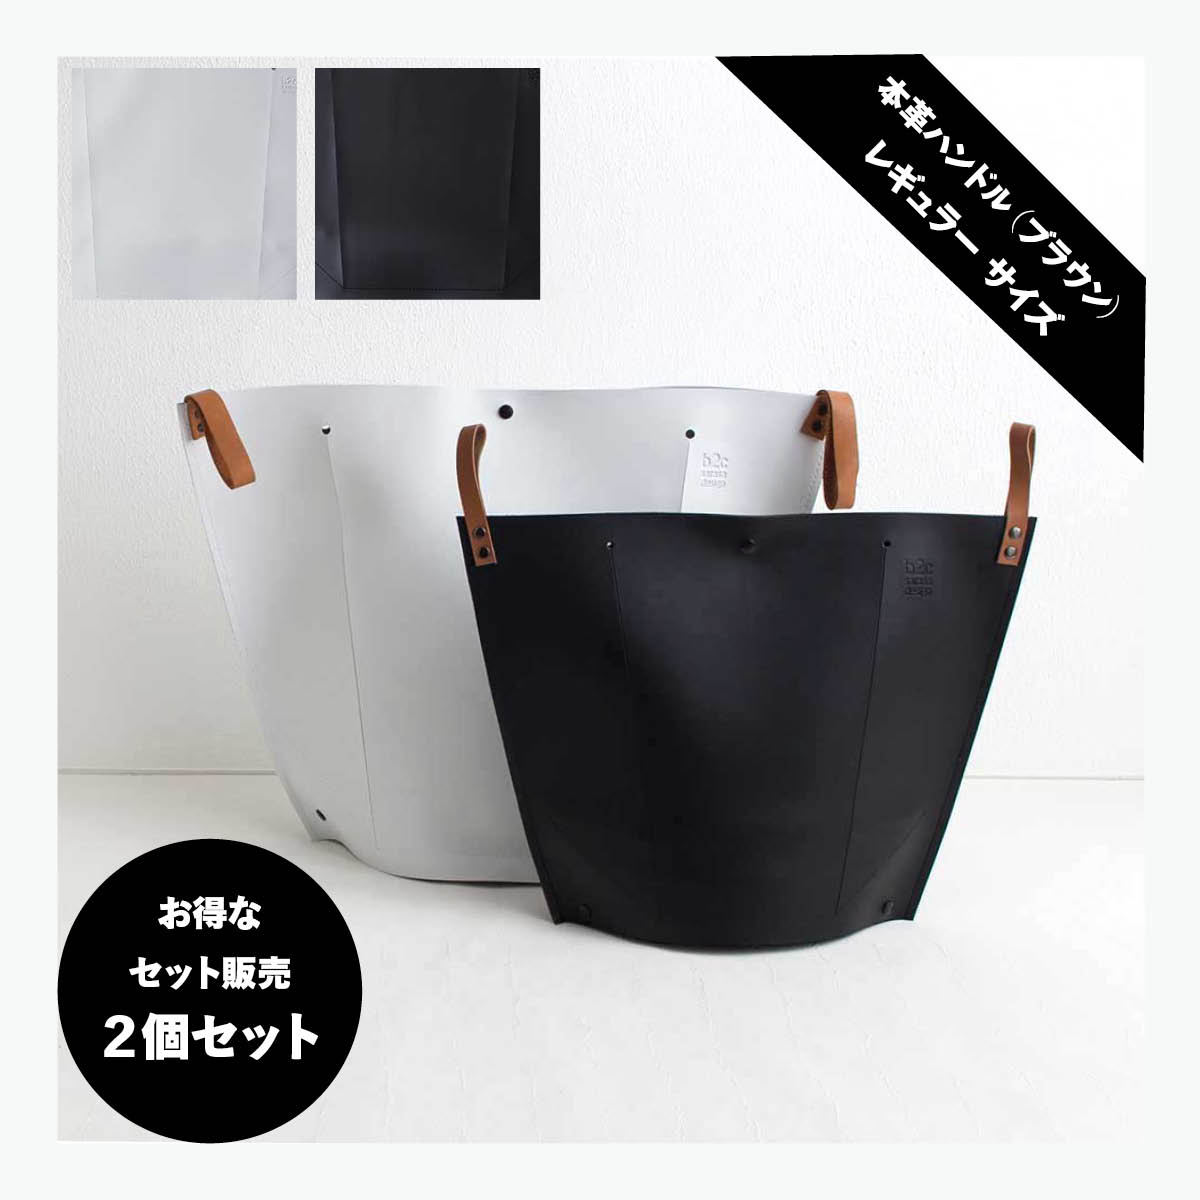 [当店通常価格¥6,264 |お得なセット販売●b2cランドリーバッグ(ハンドル本革ブラウン)レギュラーサイズ=2個セット]